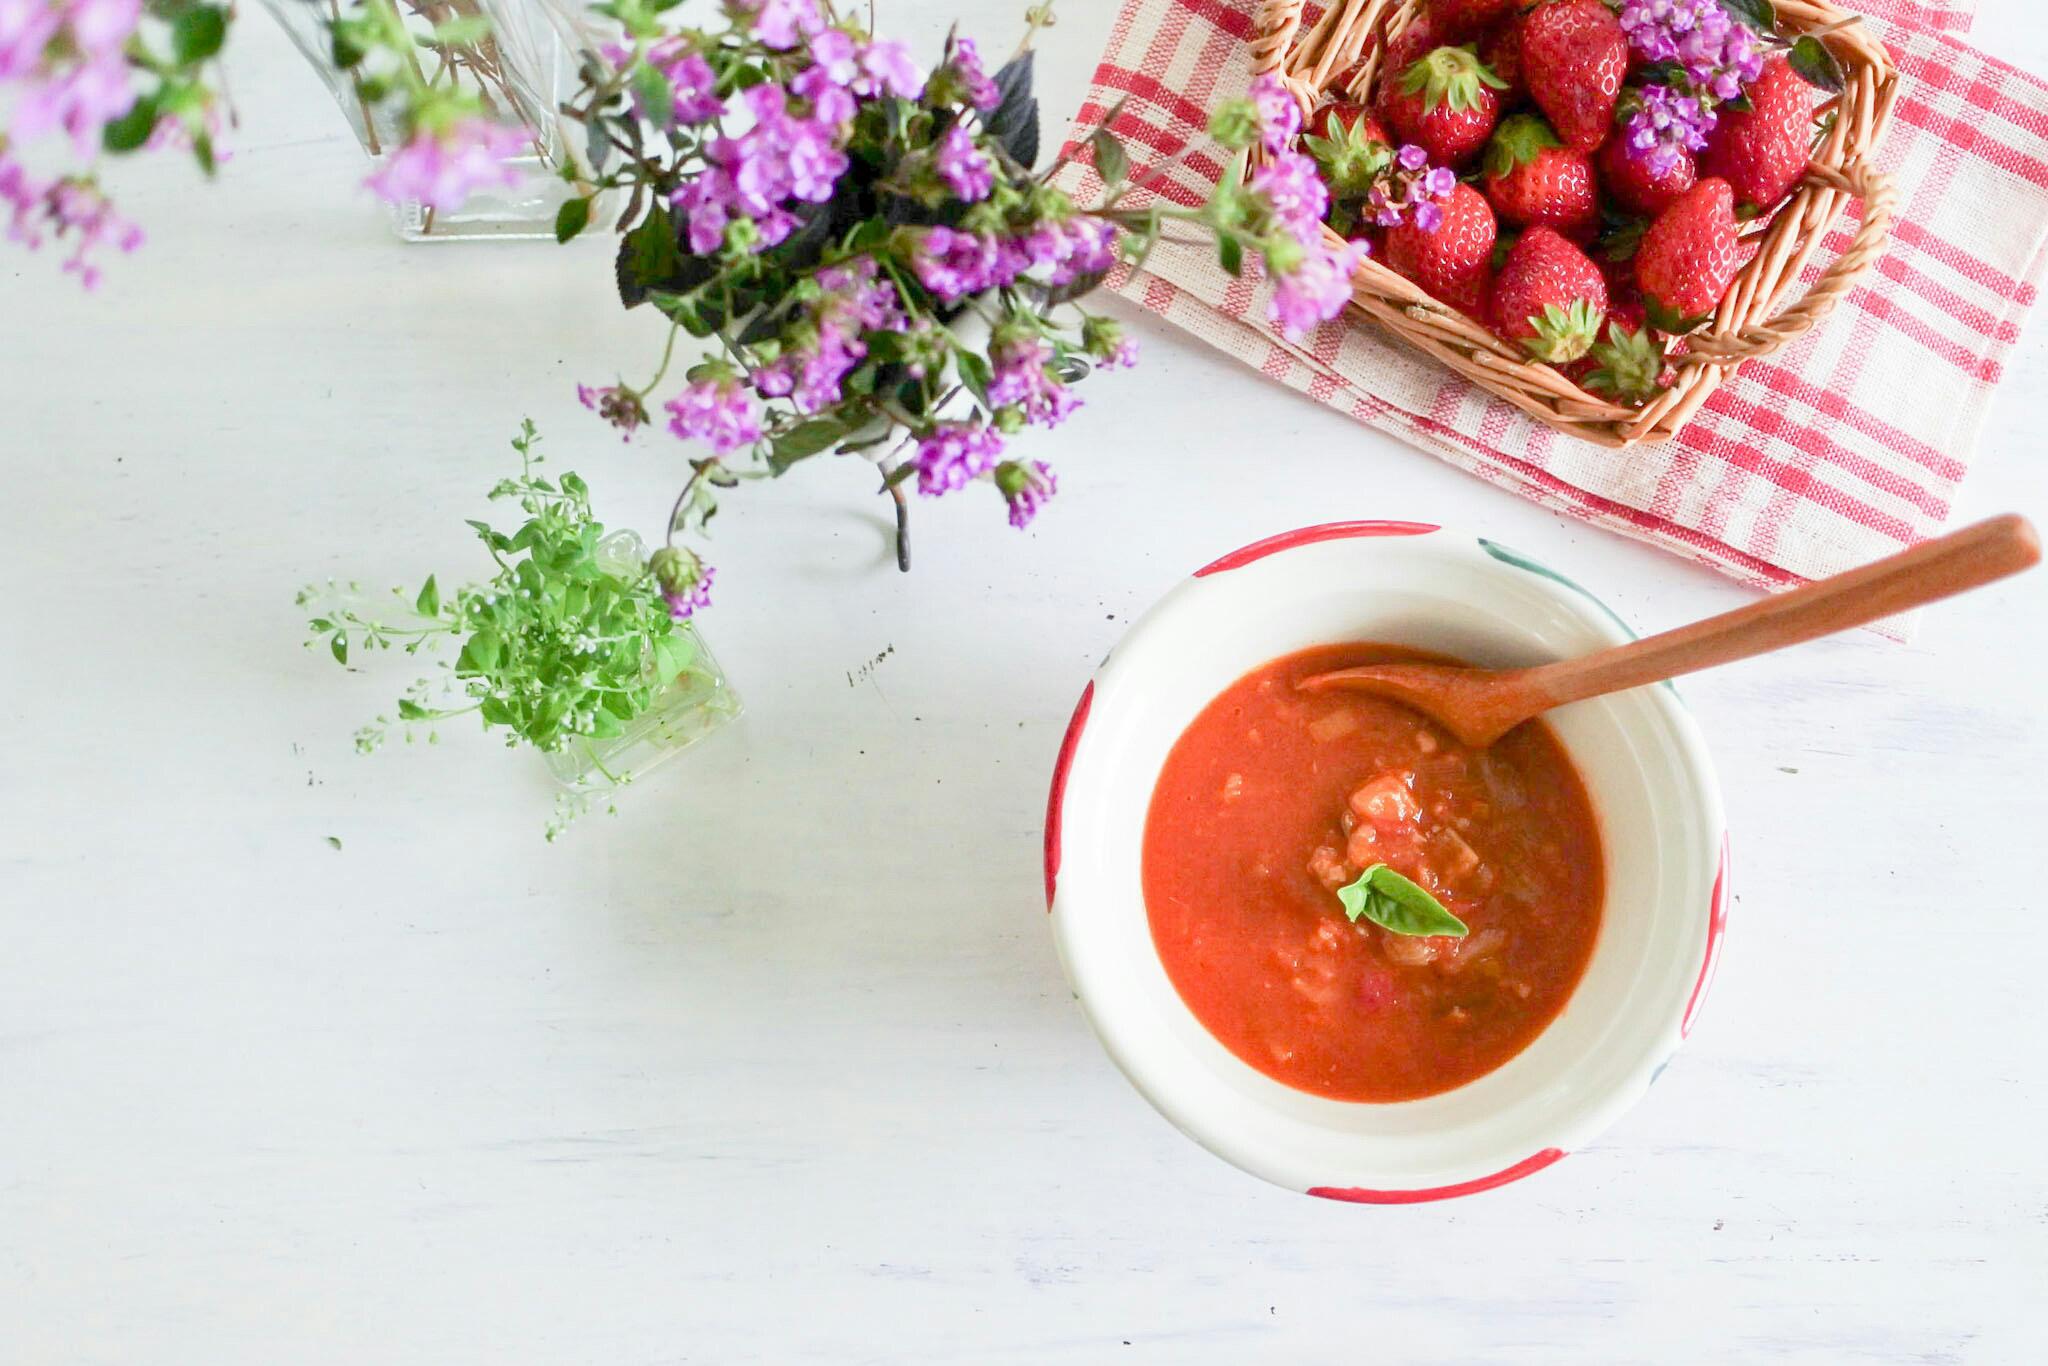 マンマの愛情がたくさん詰まったミネストローネ【家スープのじかん with Soup Stock Tokyo18】